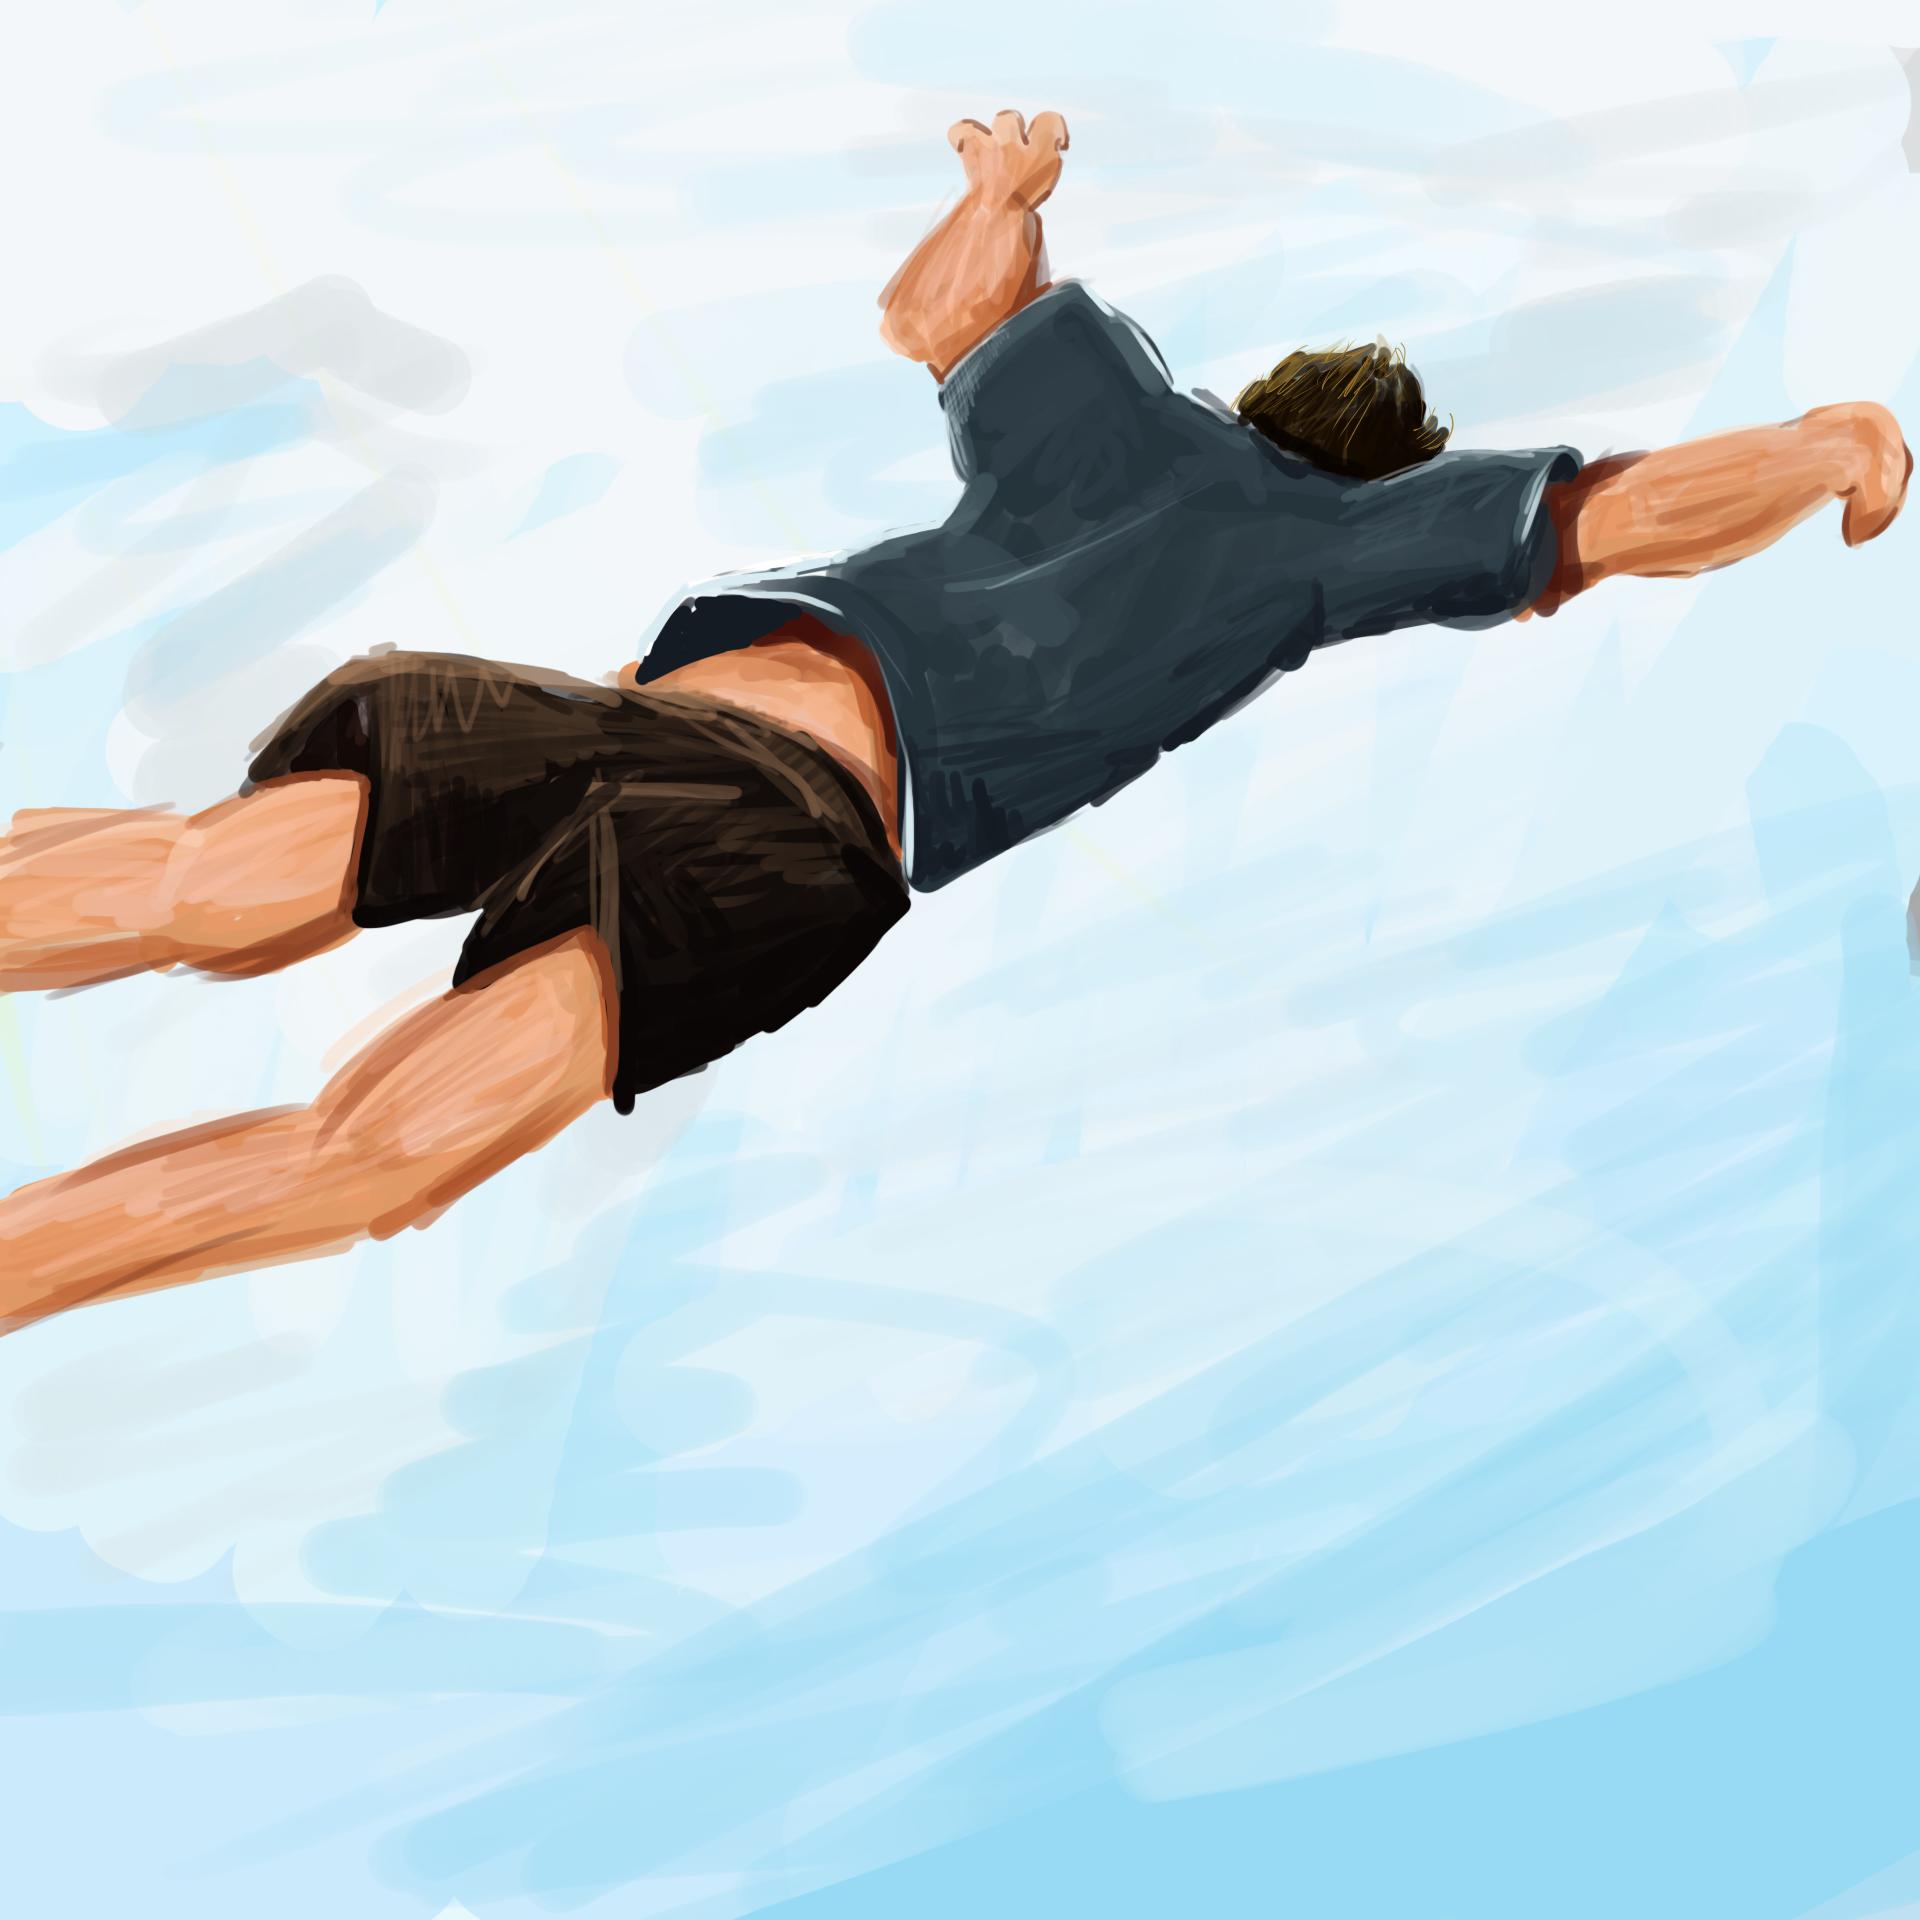 Random Free Fall